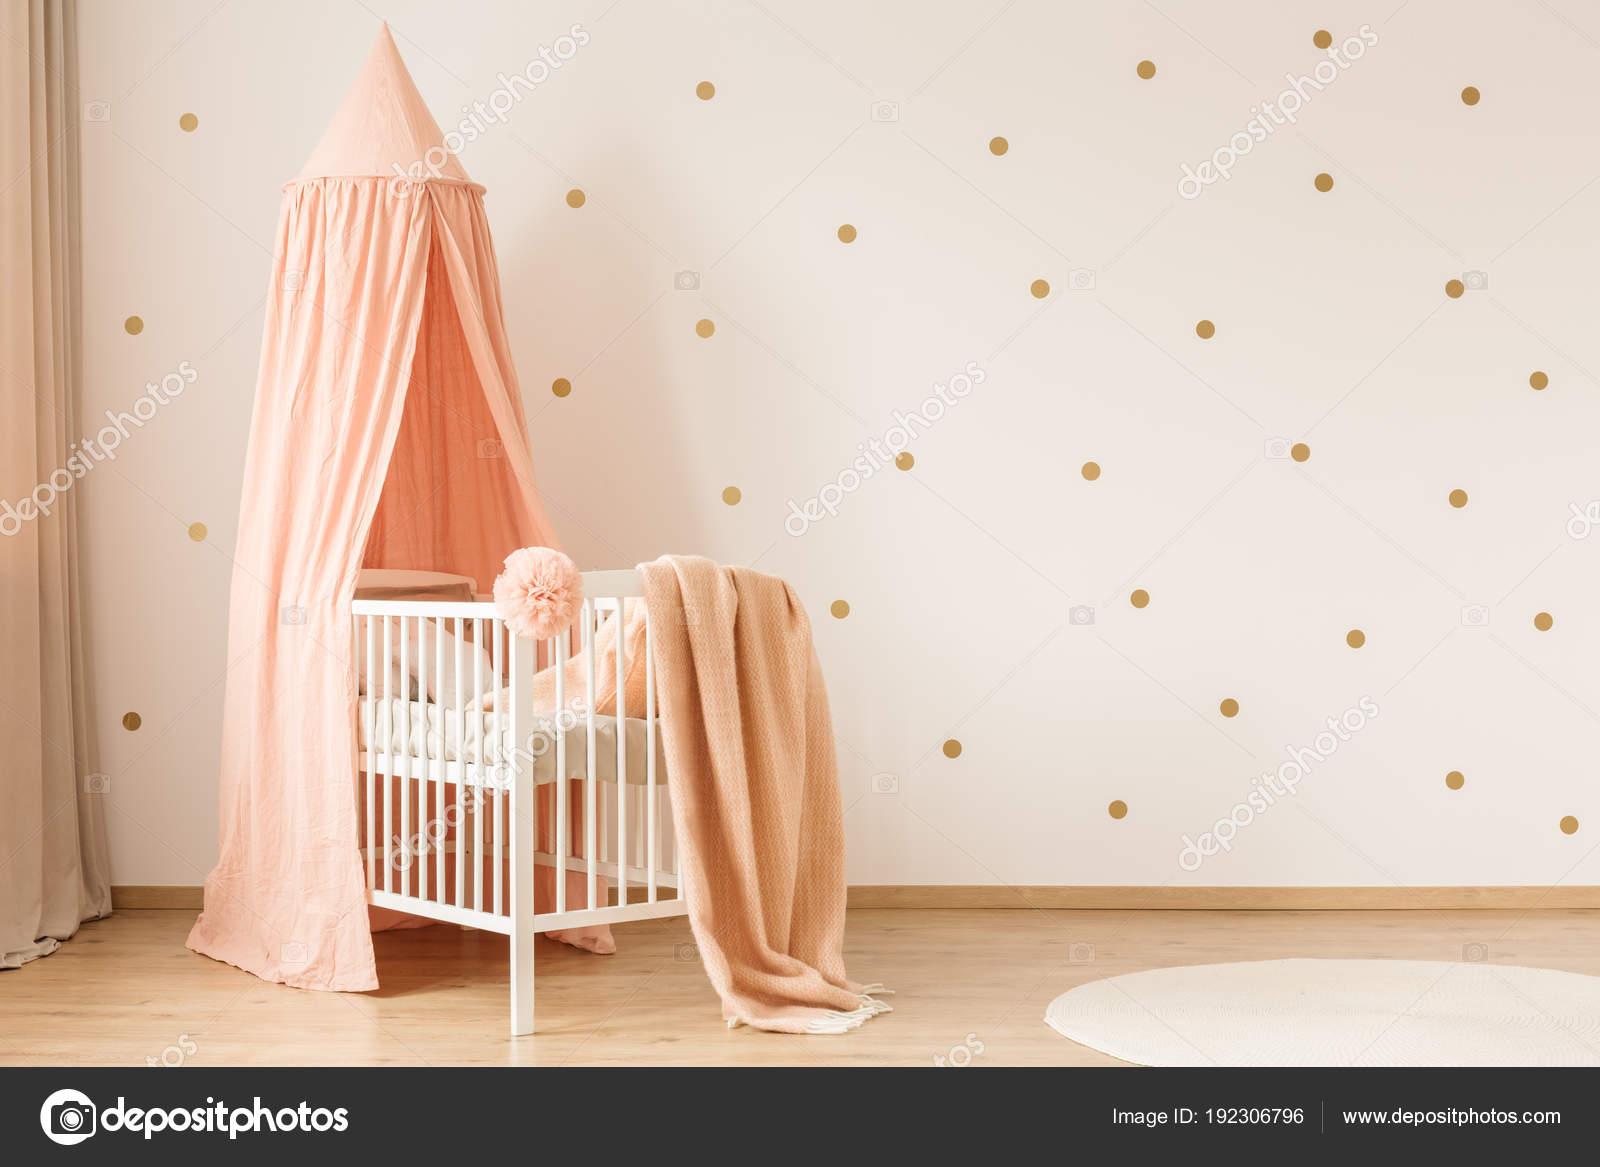 Gold Und Rosa Kinderzimmer Schlafzimmer U2014 Stockfoto